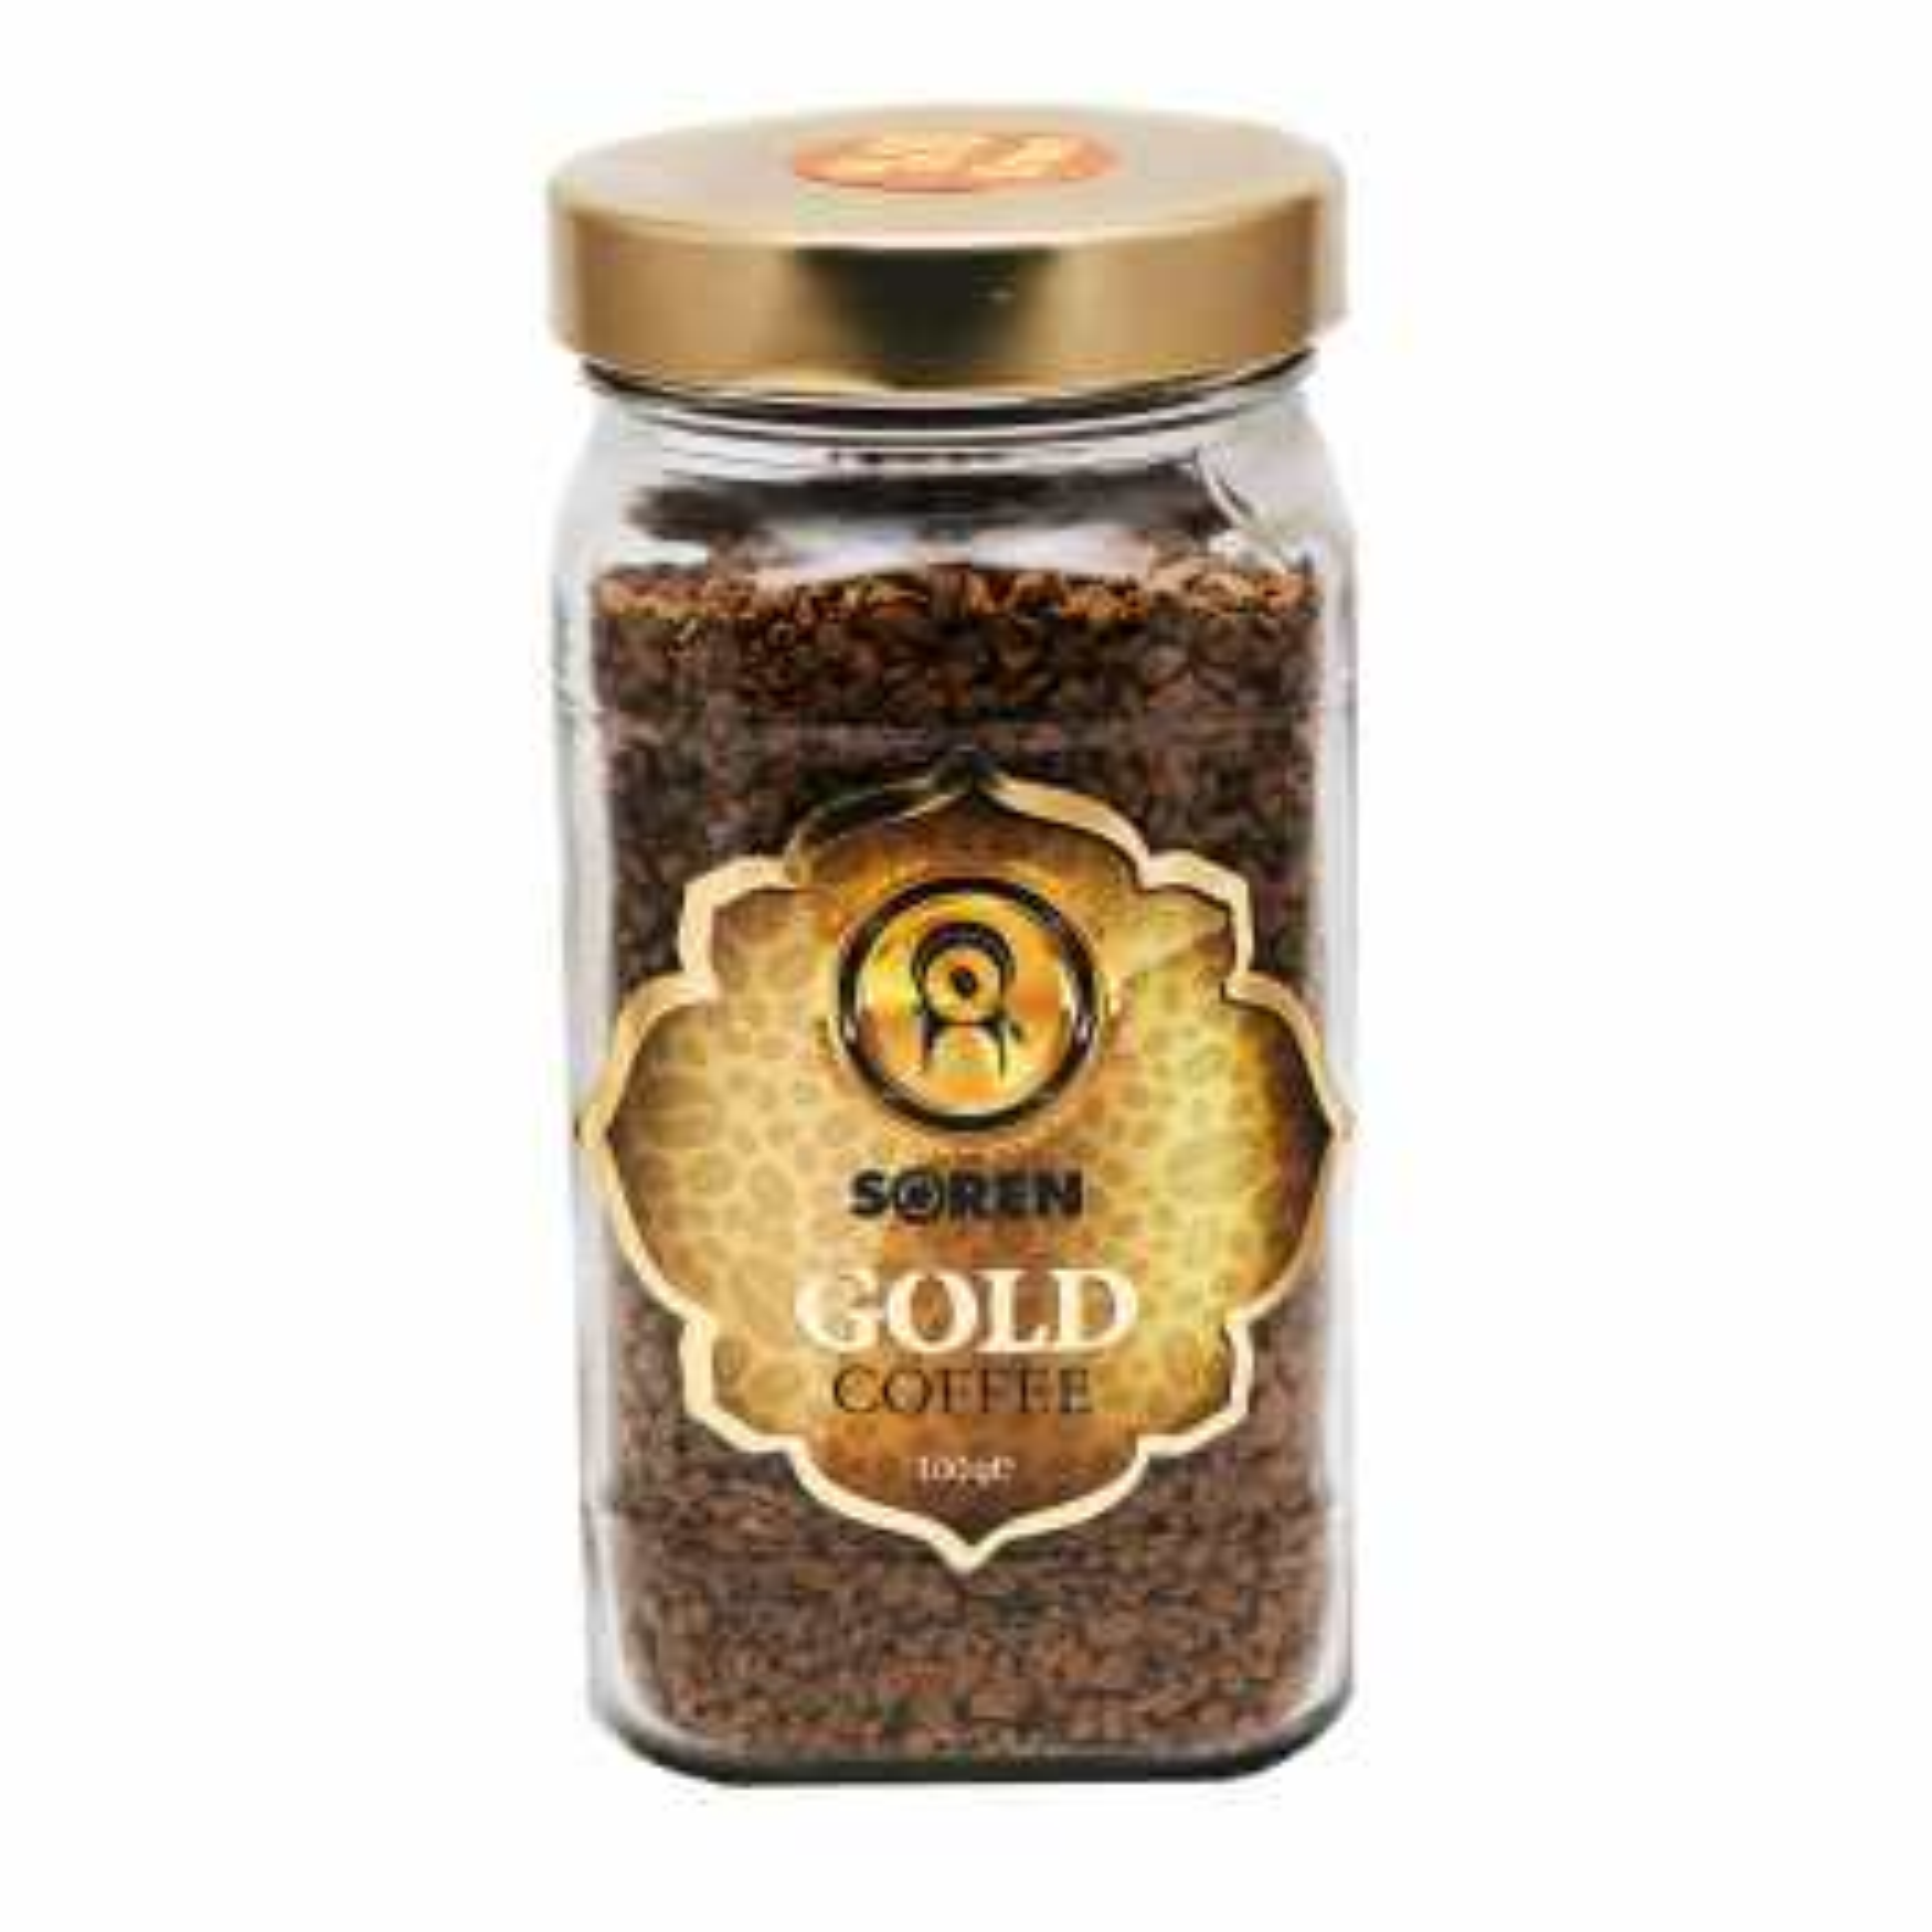 قهوه فوری گلد سورن کافی کد 4354004 مقدار 110 گرم